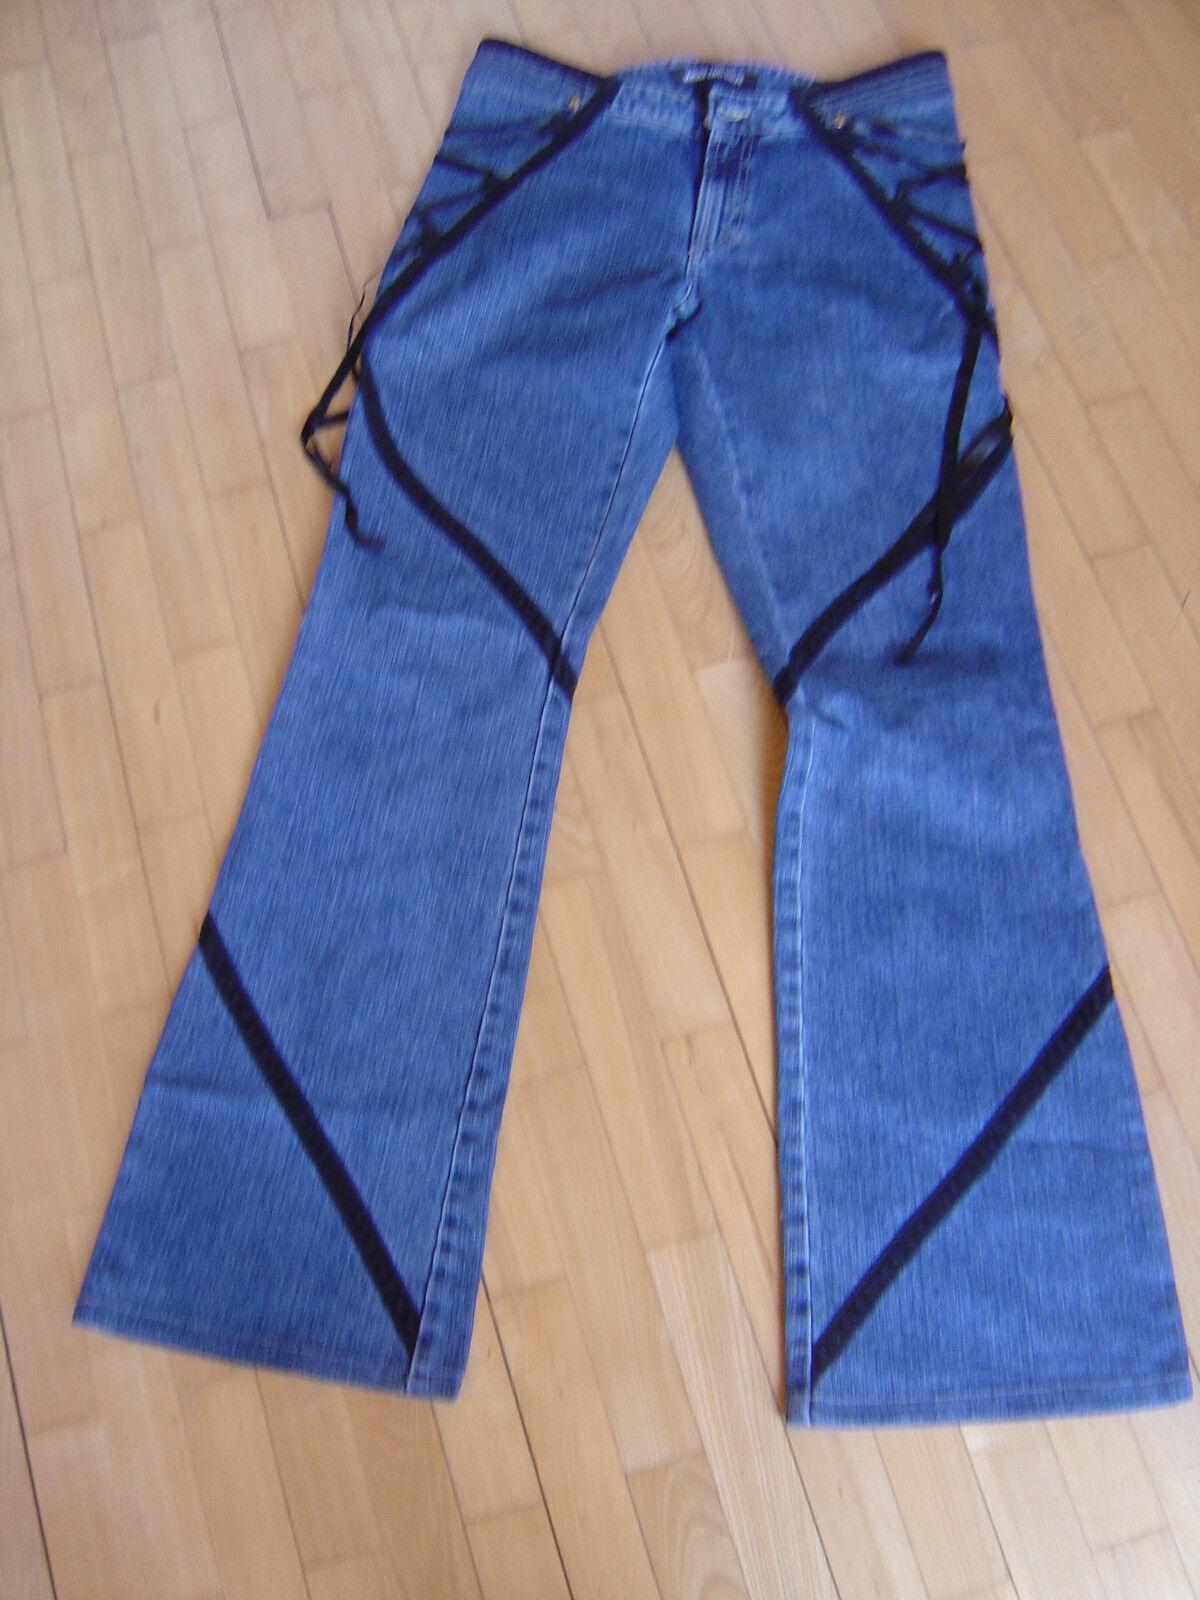 Original Versace Couture Jeans mit Satin Bändern Vintage Gr. 30 Jeans Hose  nqzcha7621-Pants 71a0bb40799c6